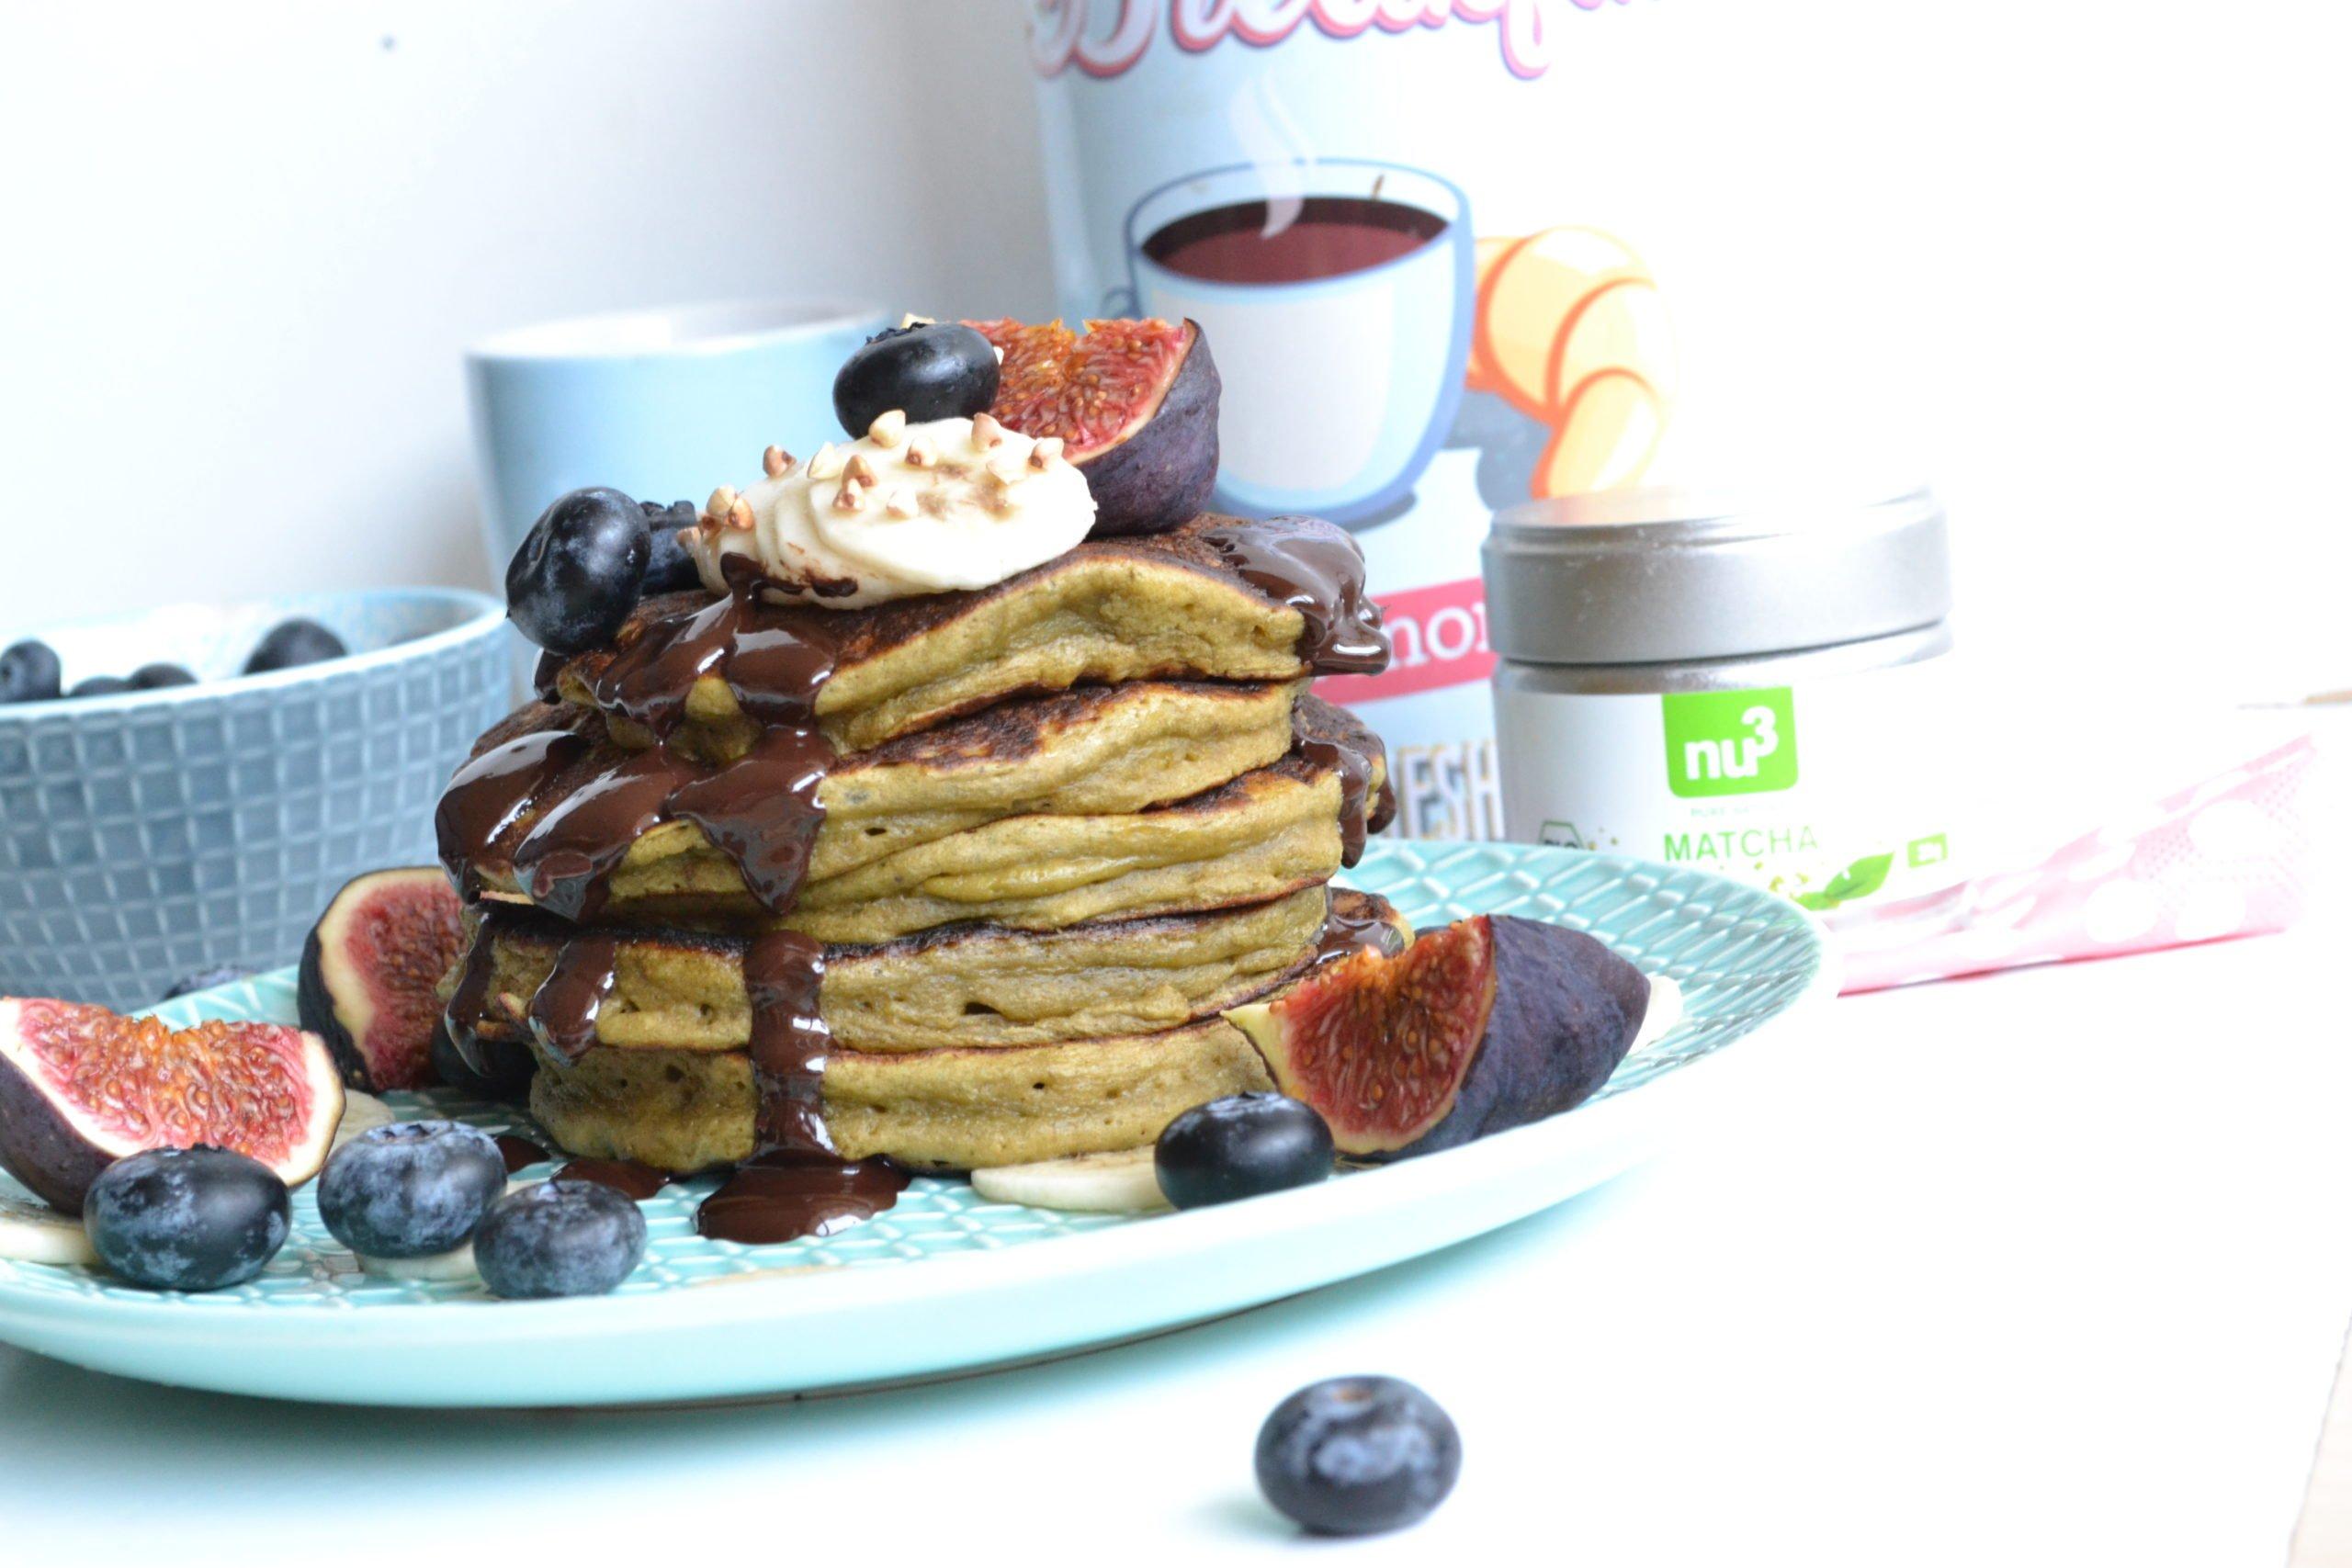 Pancakes au thé vert matcha fourrés au chocolat